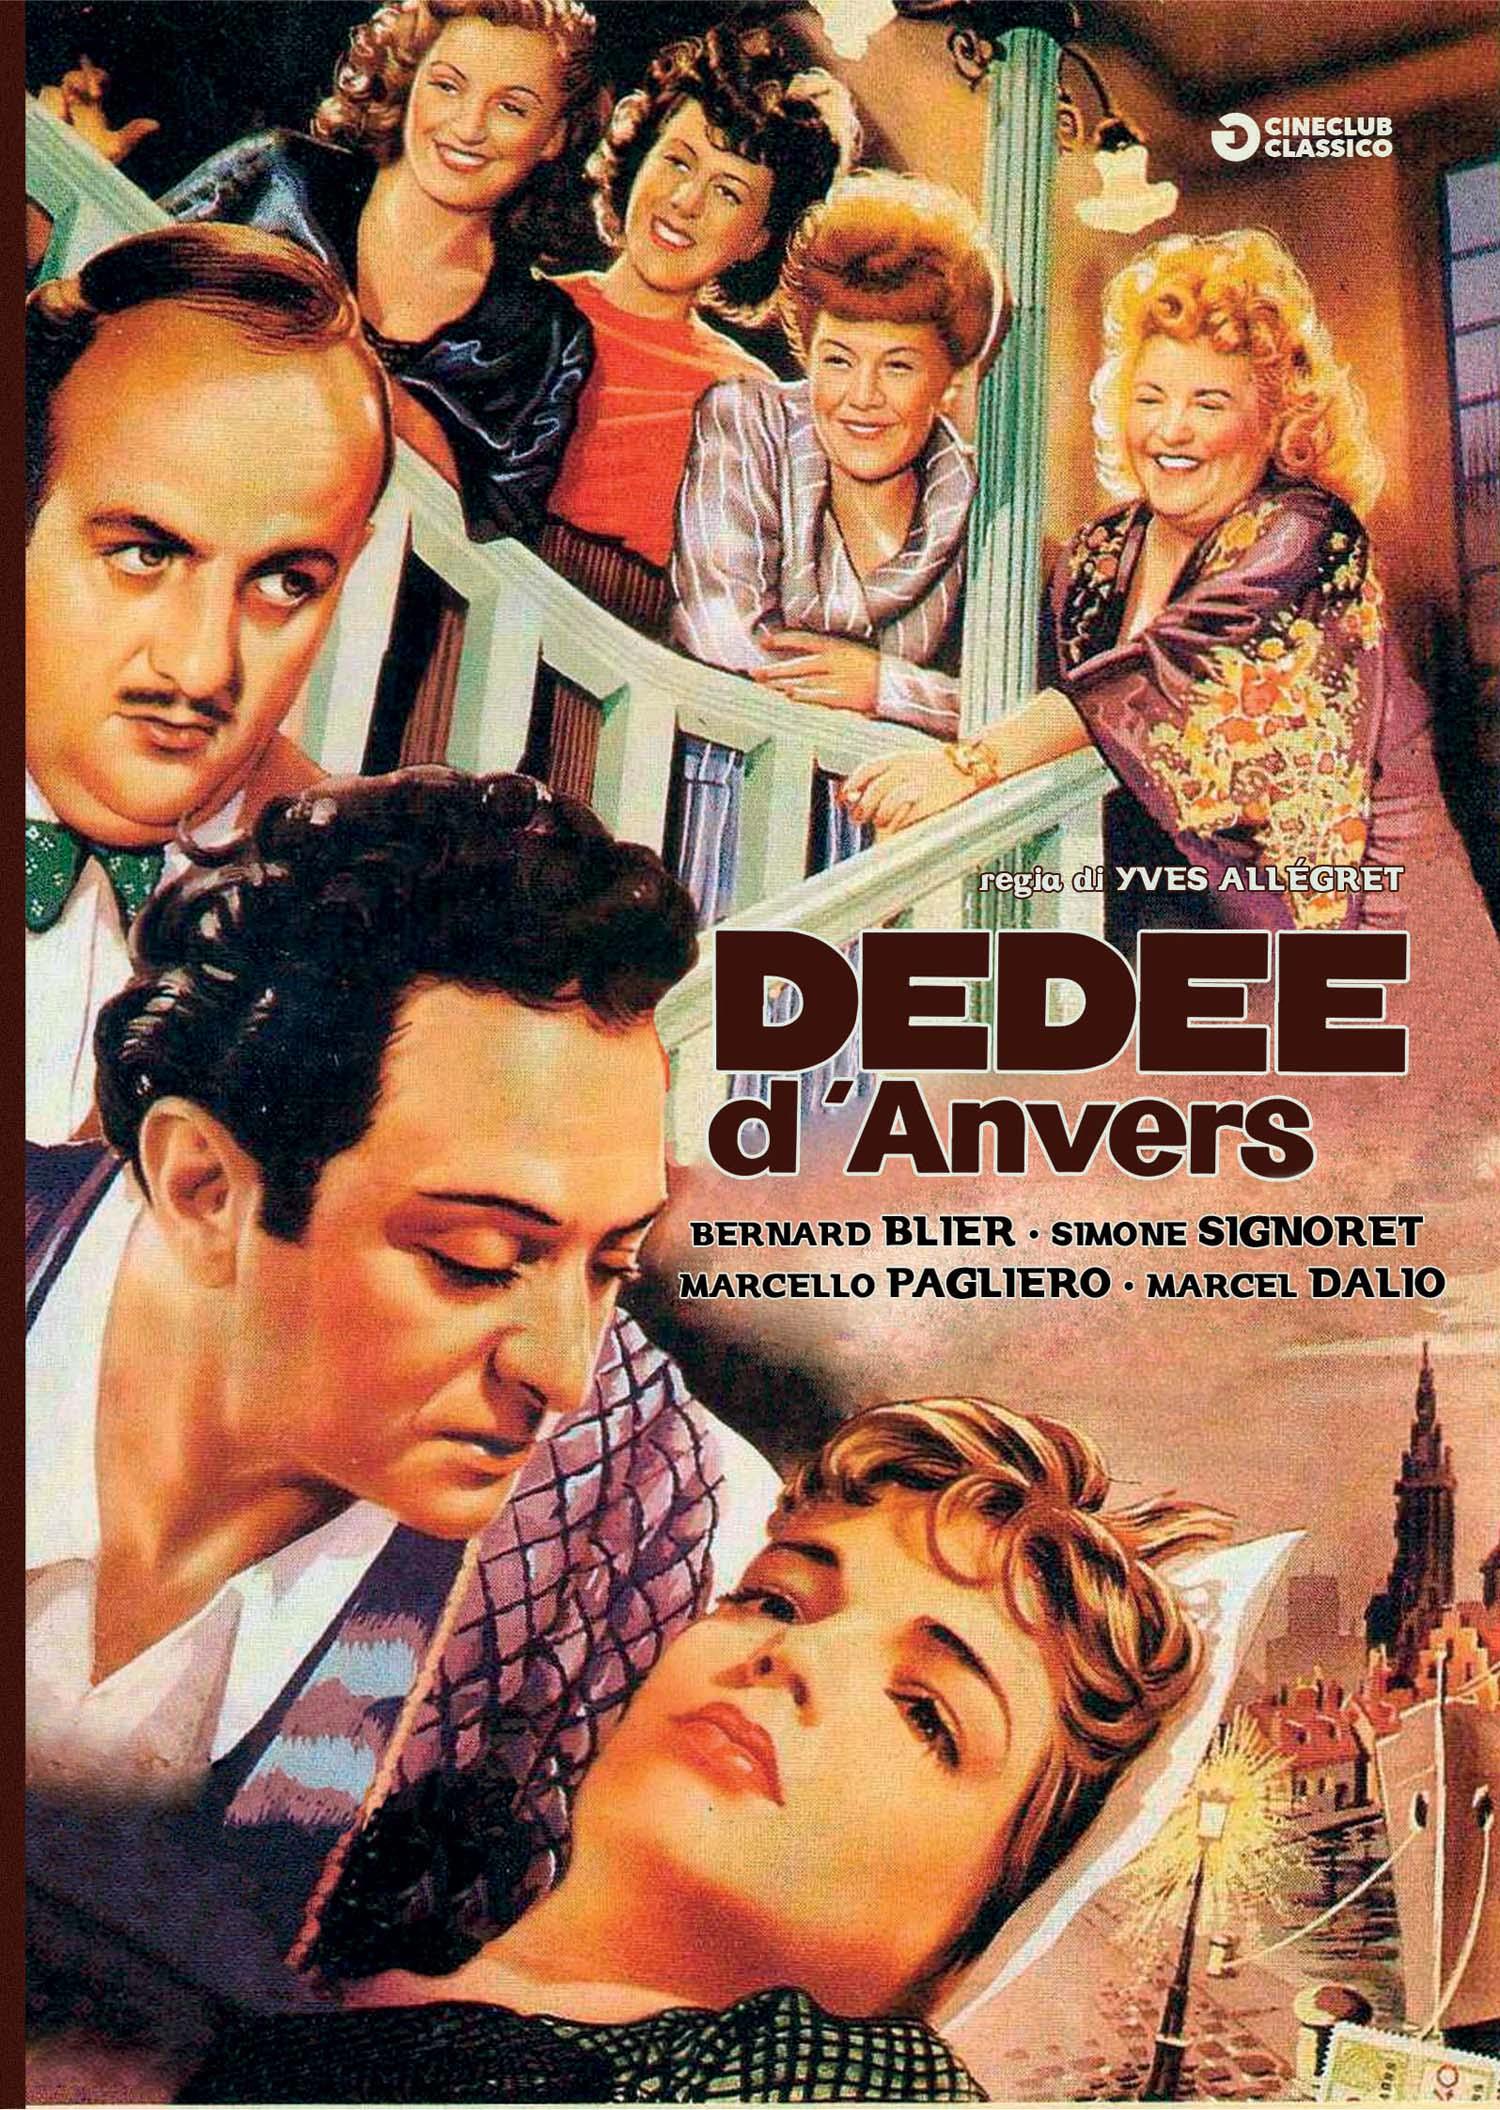 DEDEE D'ANVERS (DVD)